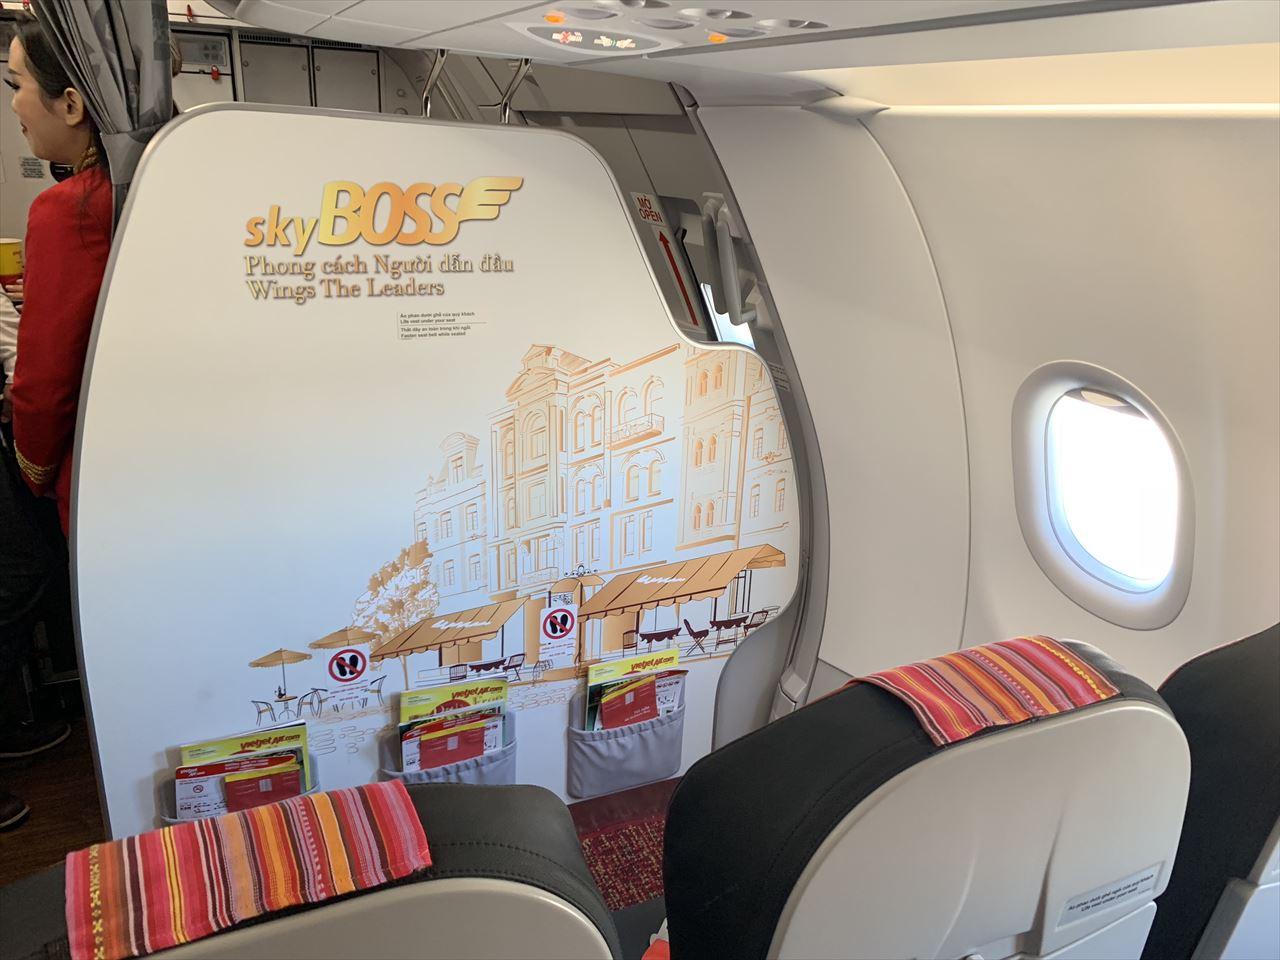 ベトジェットエアの上級サービス SkyBOSS